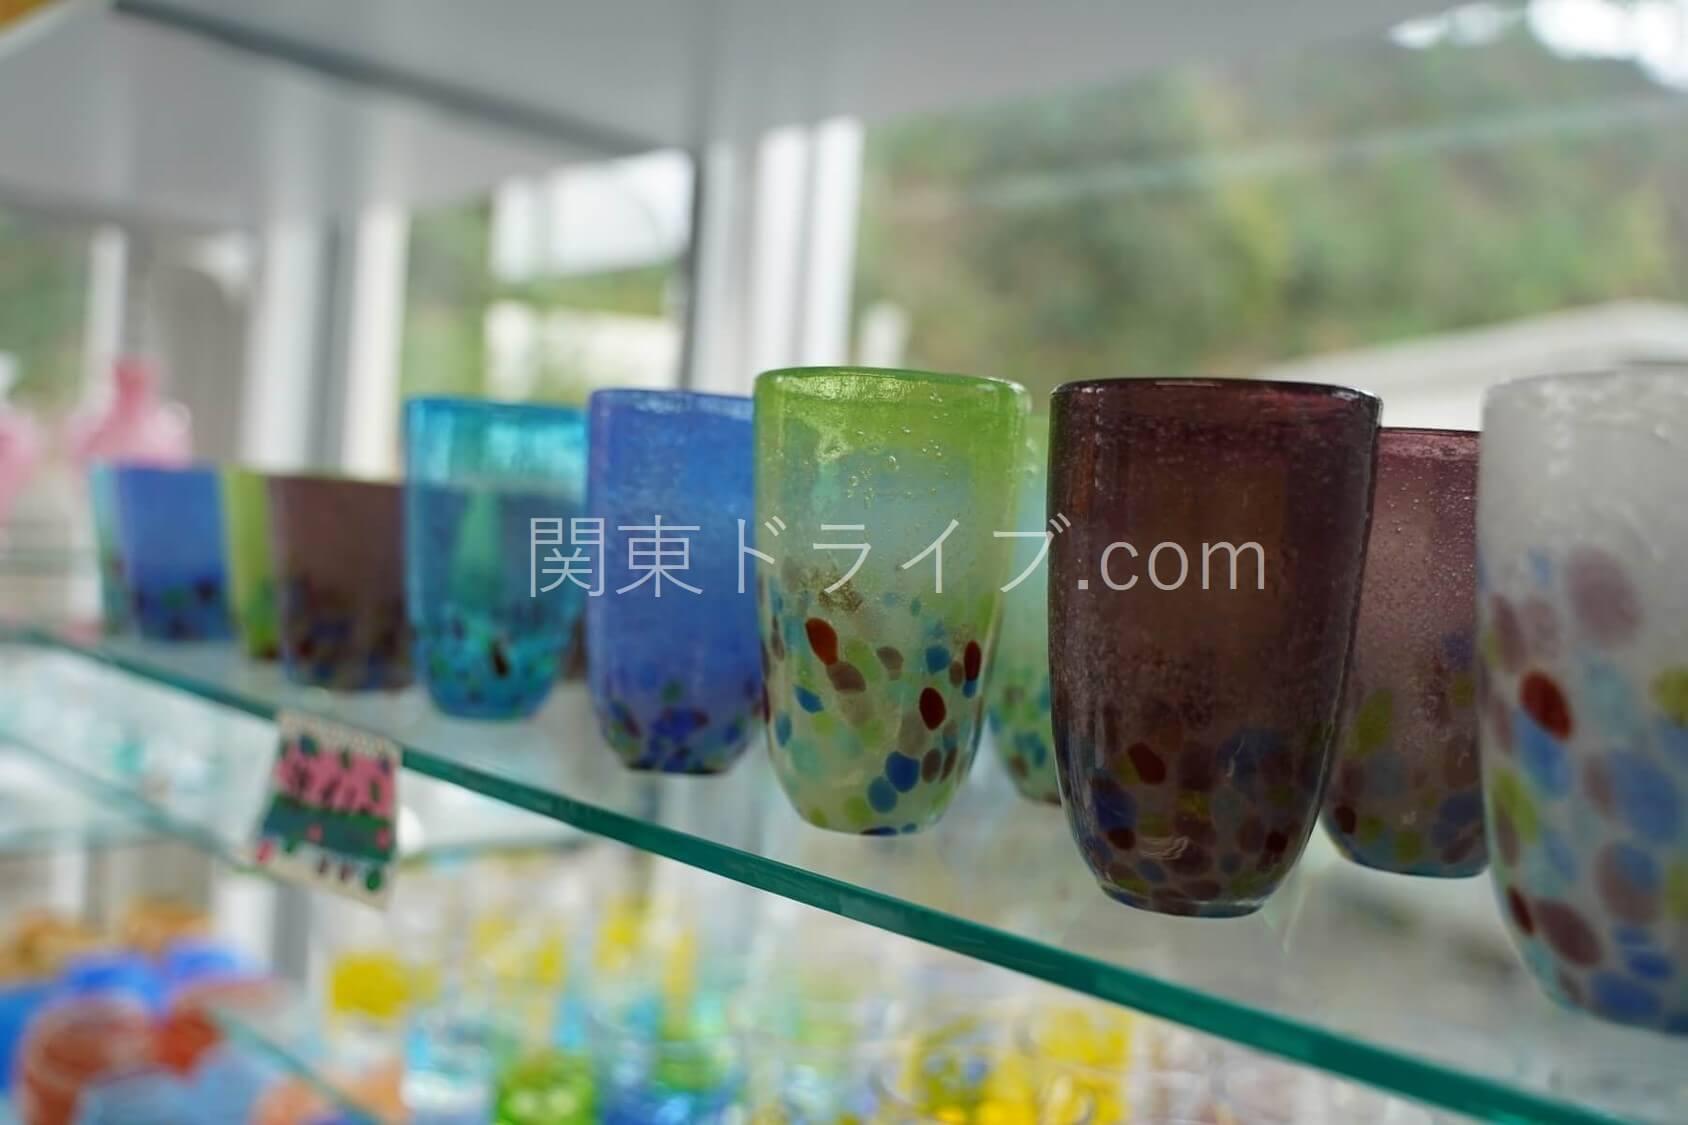 「匠工房」の琉球ガラス5